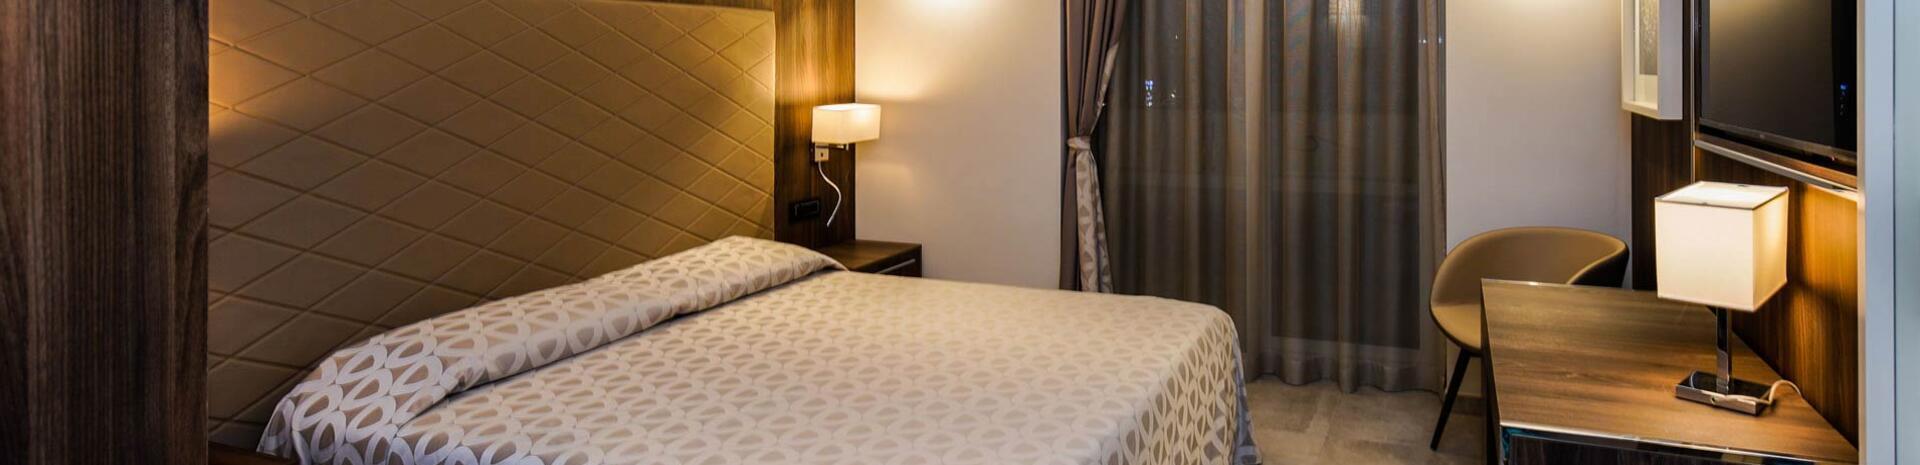 hotelkuma it camere 003